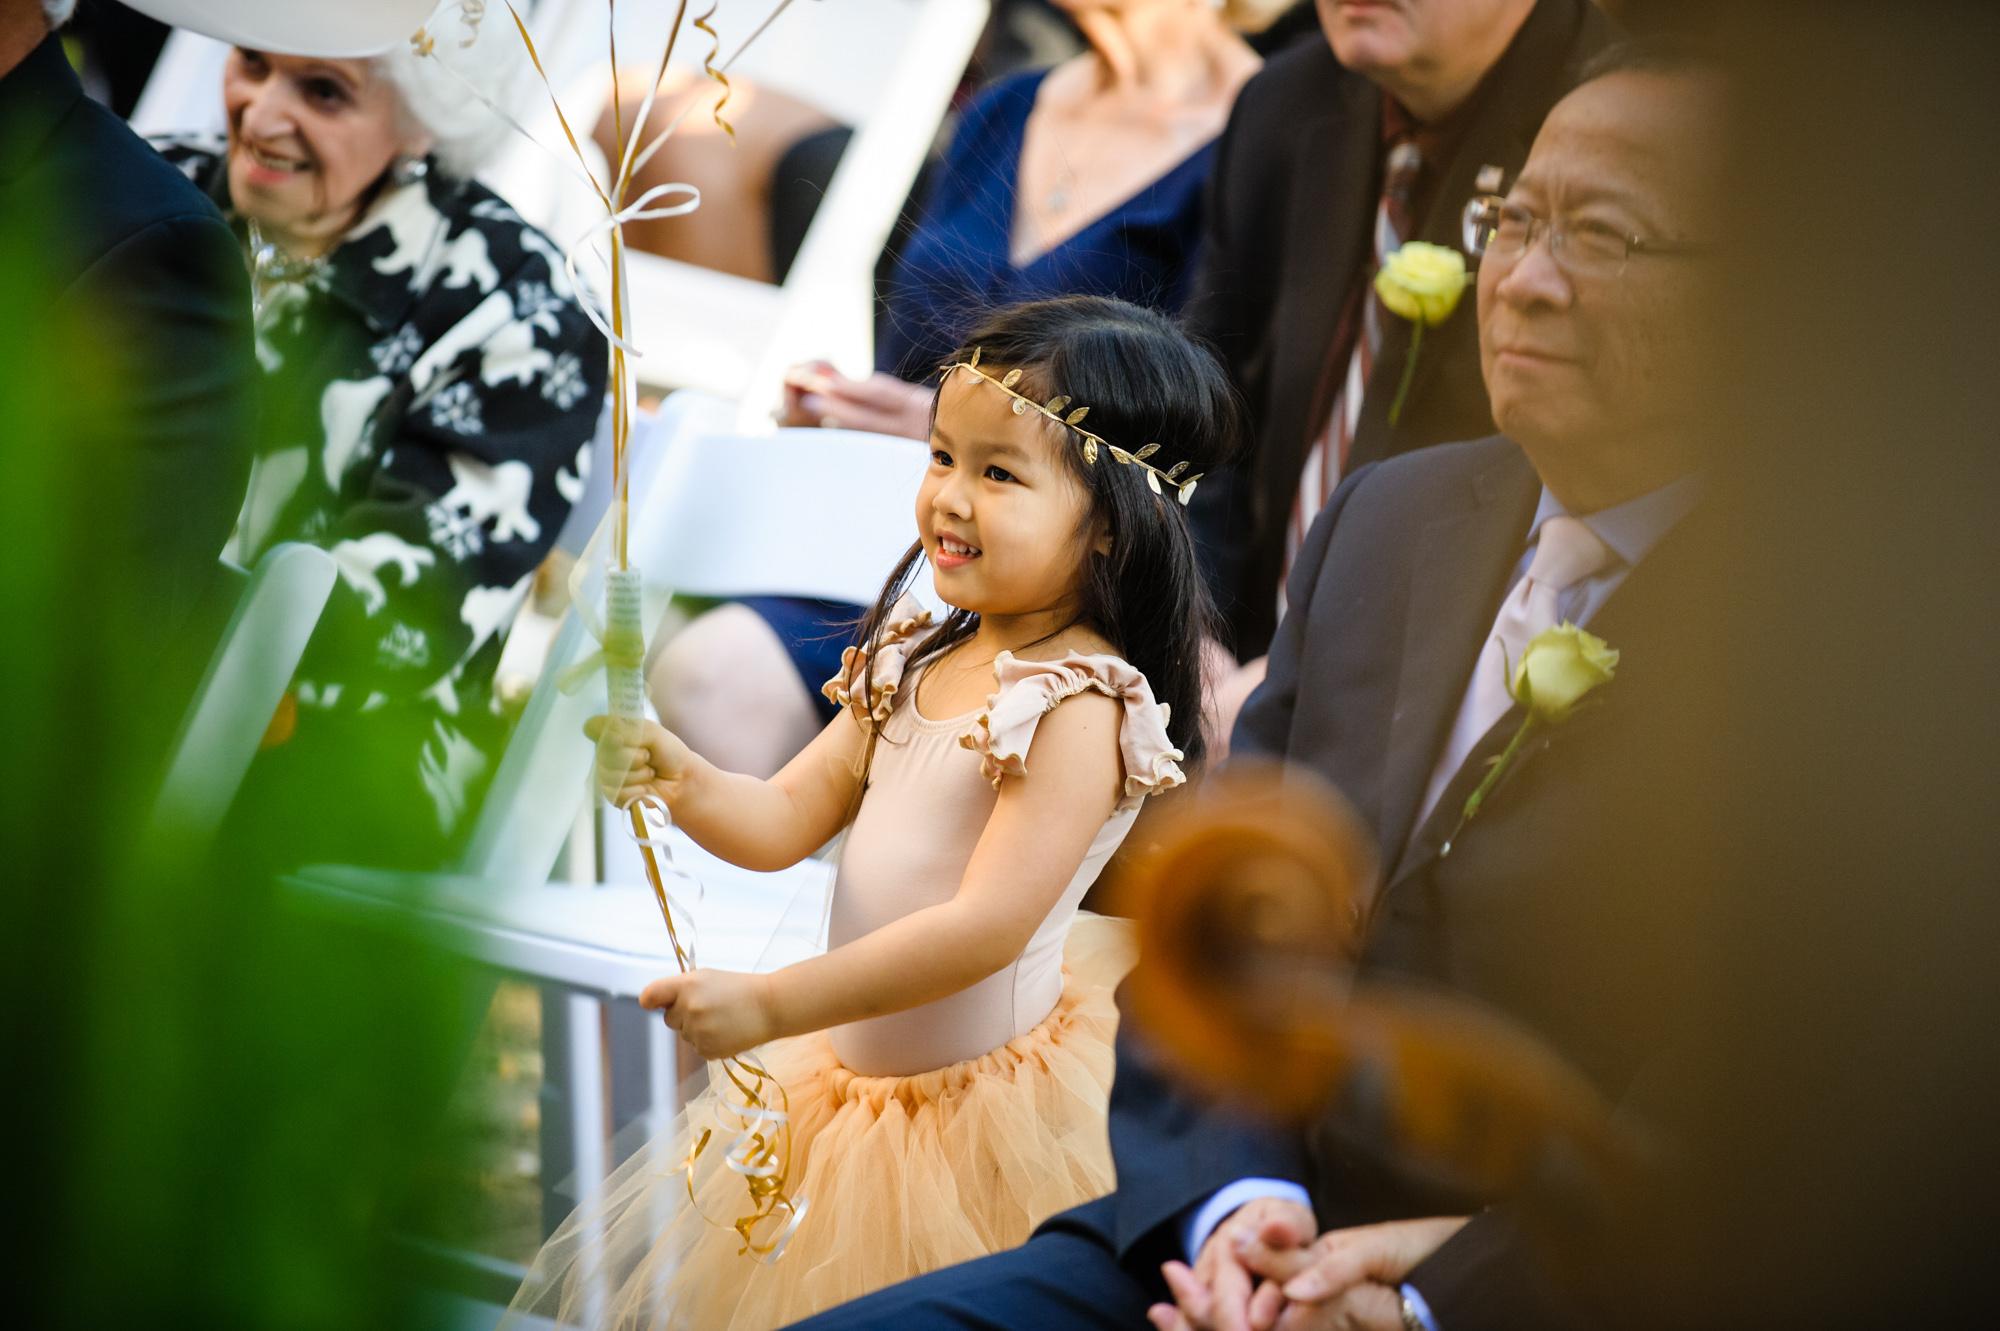 Scott-Myers-Photography-WeddingScott_Myers_Weddings-1348.jpg